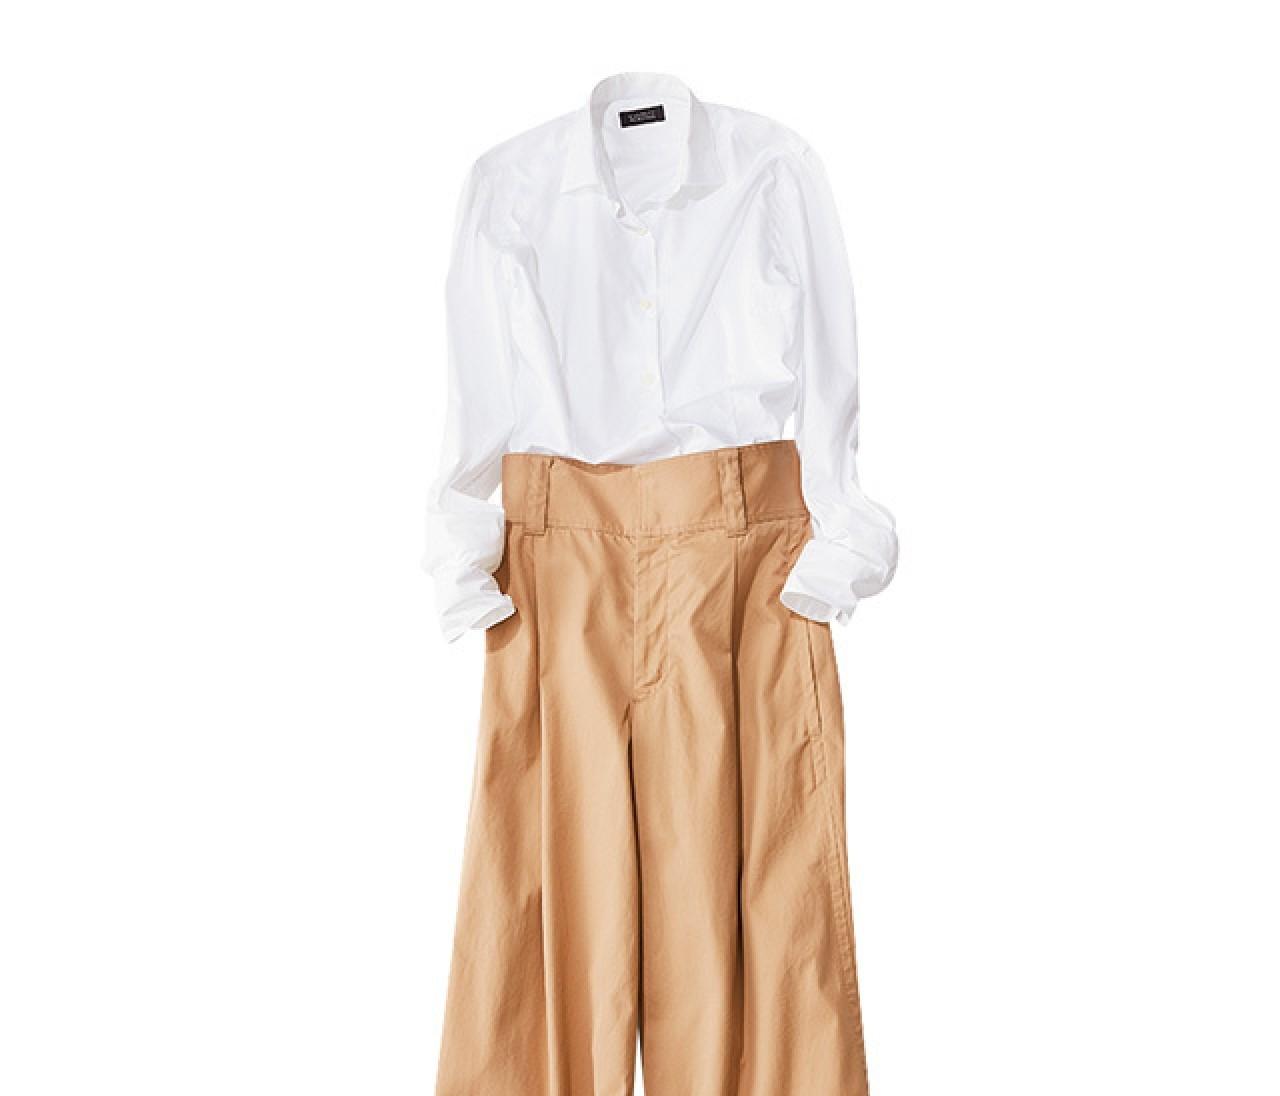 【鉄板5足】でただのシャツ×パンツを最旬コーデにする方法